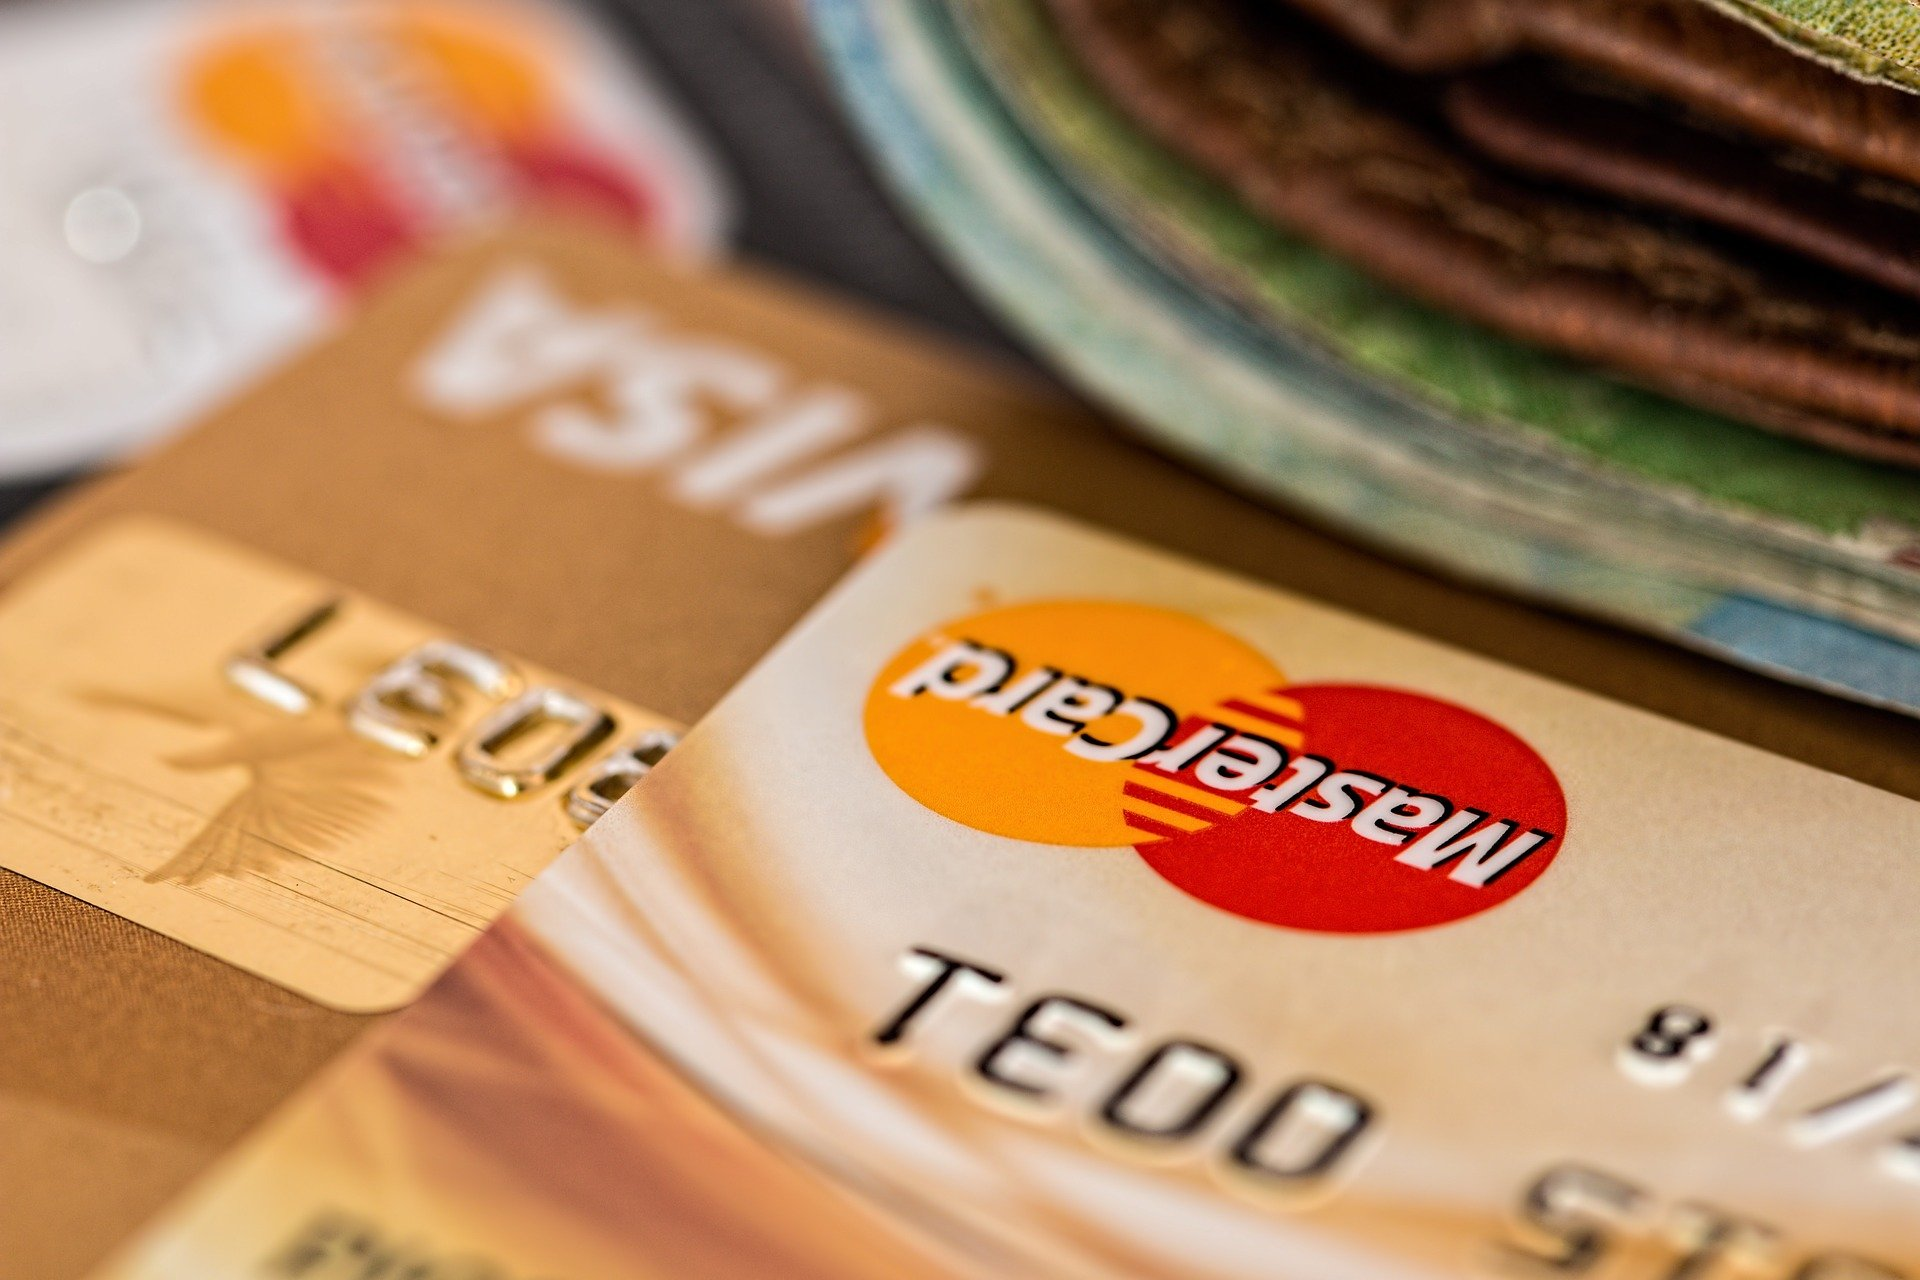 Las tarjetas de crédito 'clásicas' registran el CAT más alto